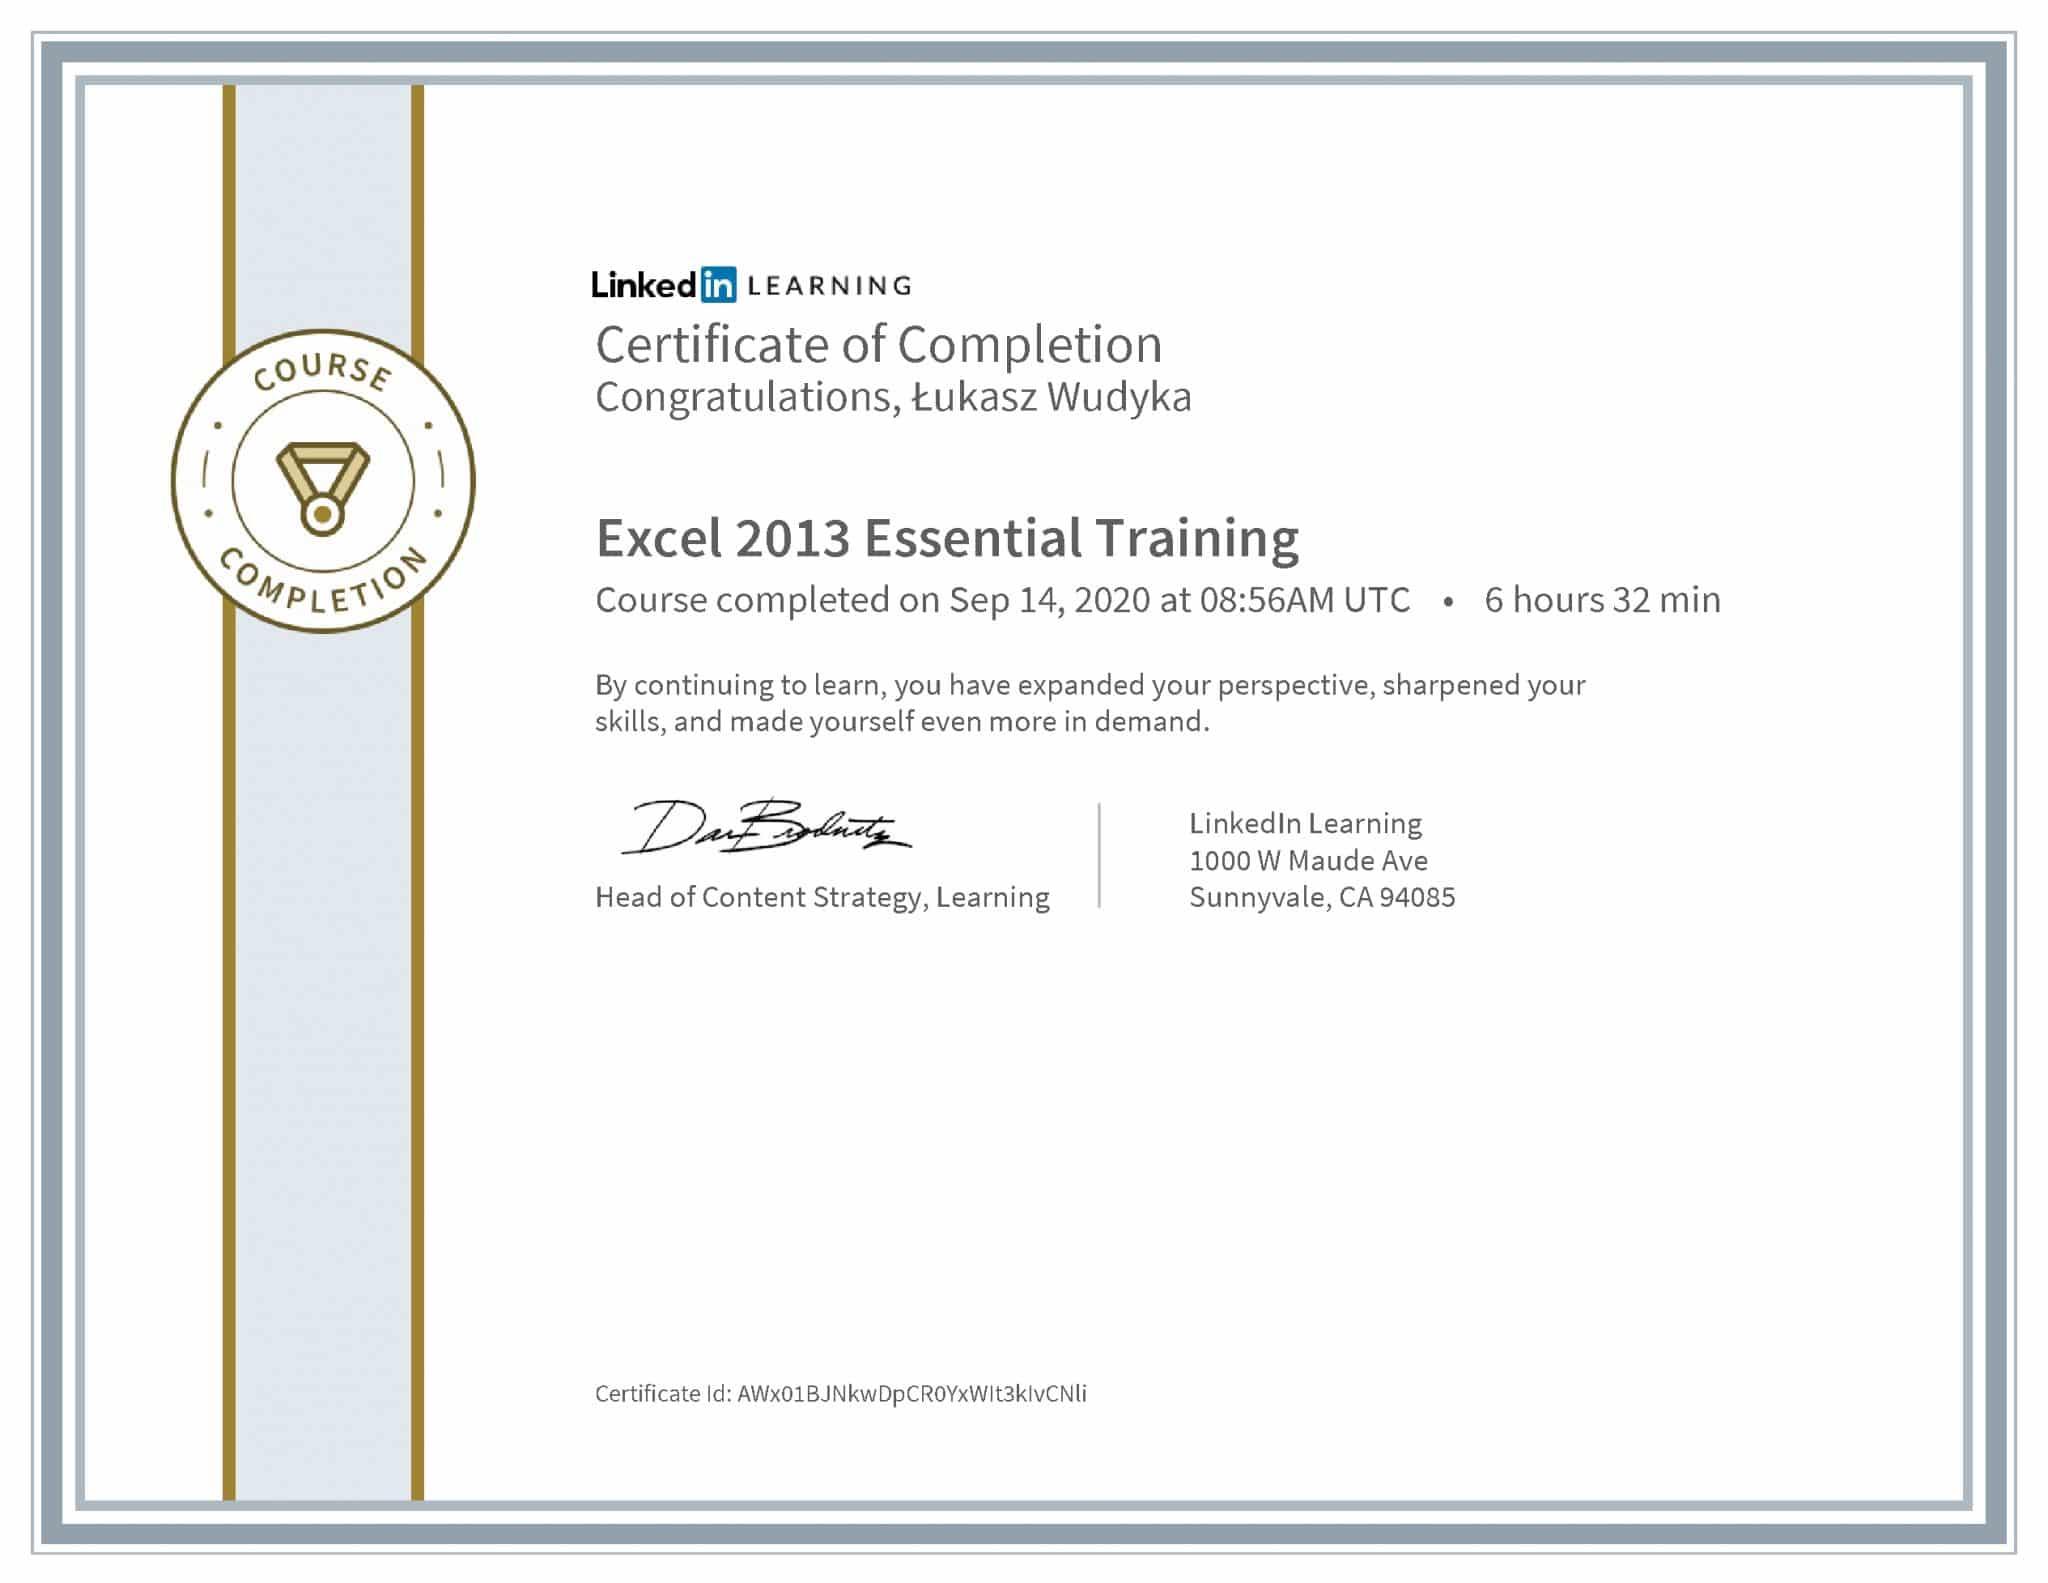 Łukasz Wudyka certyfikat LinkedIn Excel 2013 Essential Training